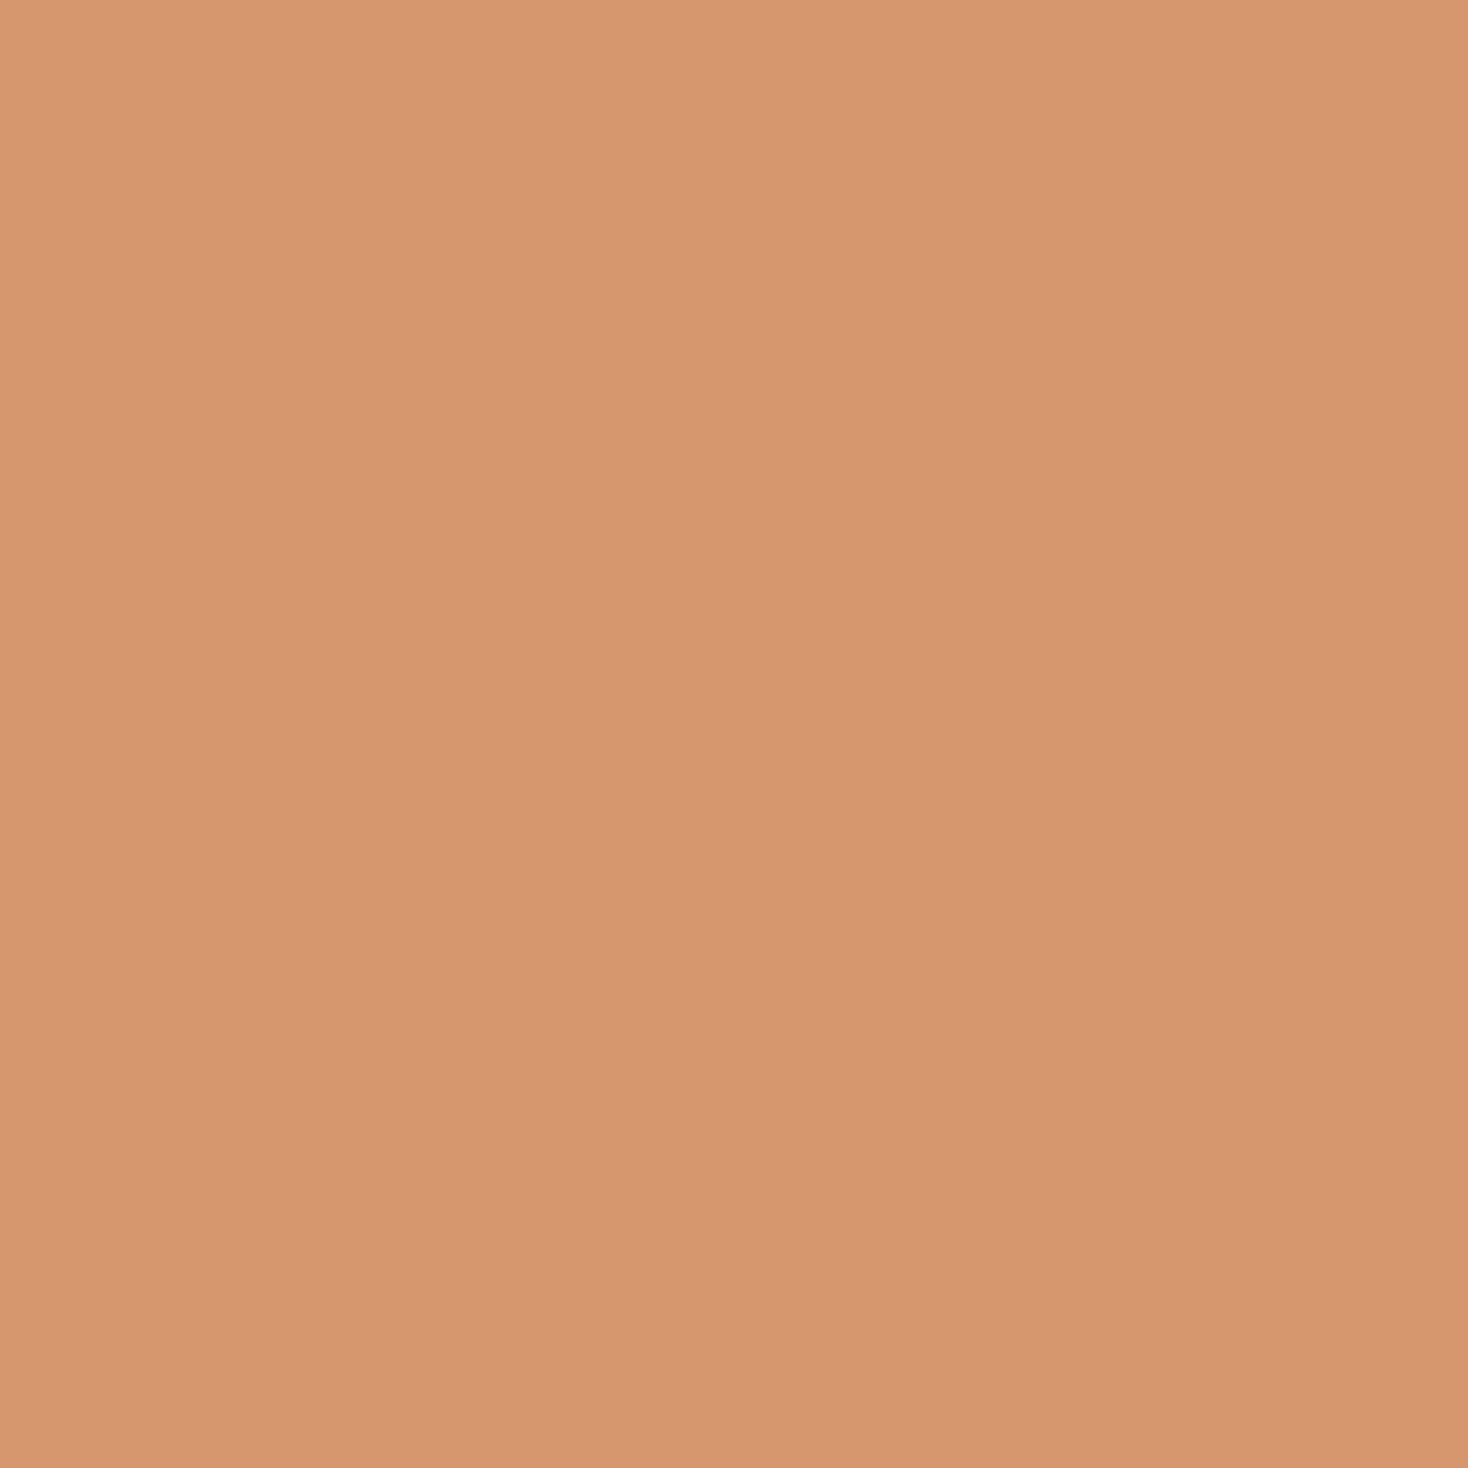 ハンサム雨の膿瘍SANMIMORE(サンミモレ化粧品) UVパクト 53号ピンク (レフィル 替パフ付)